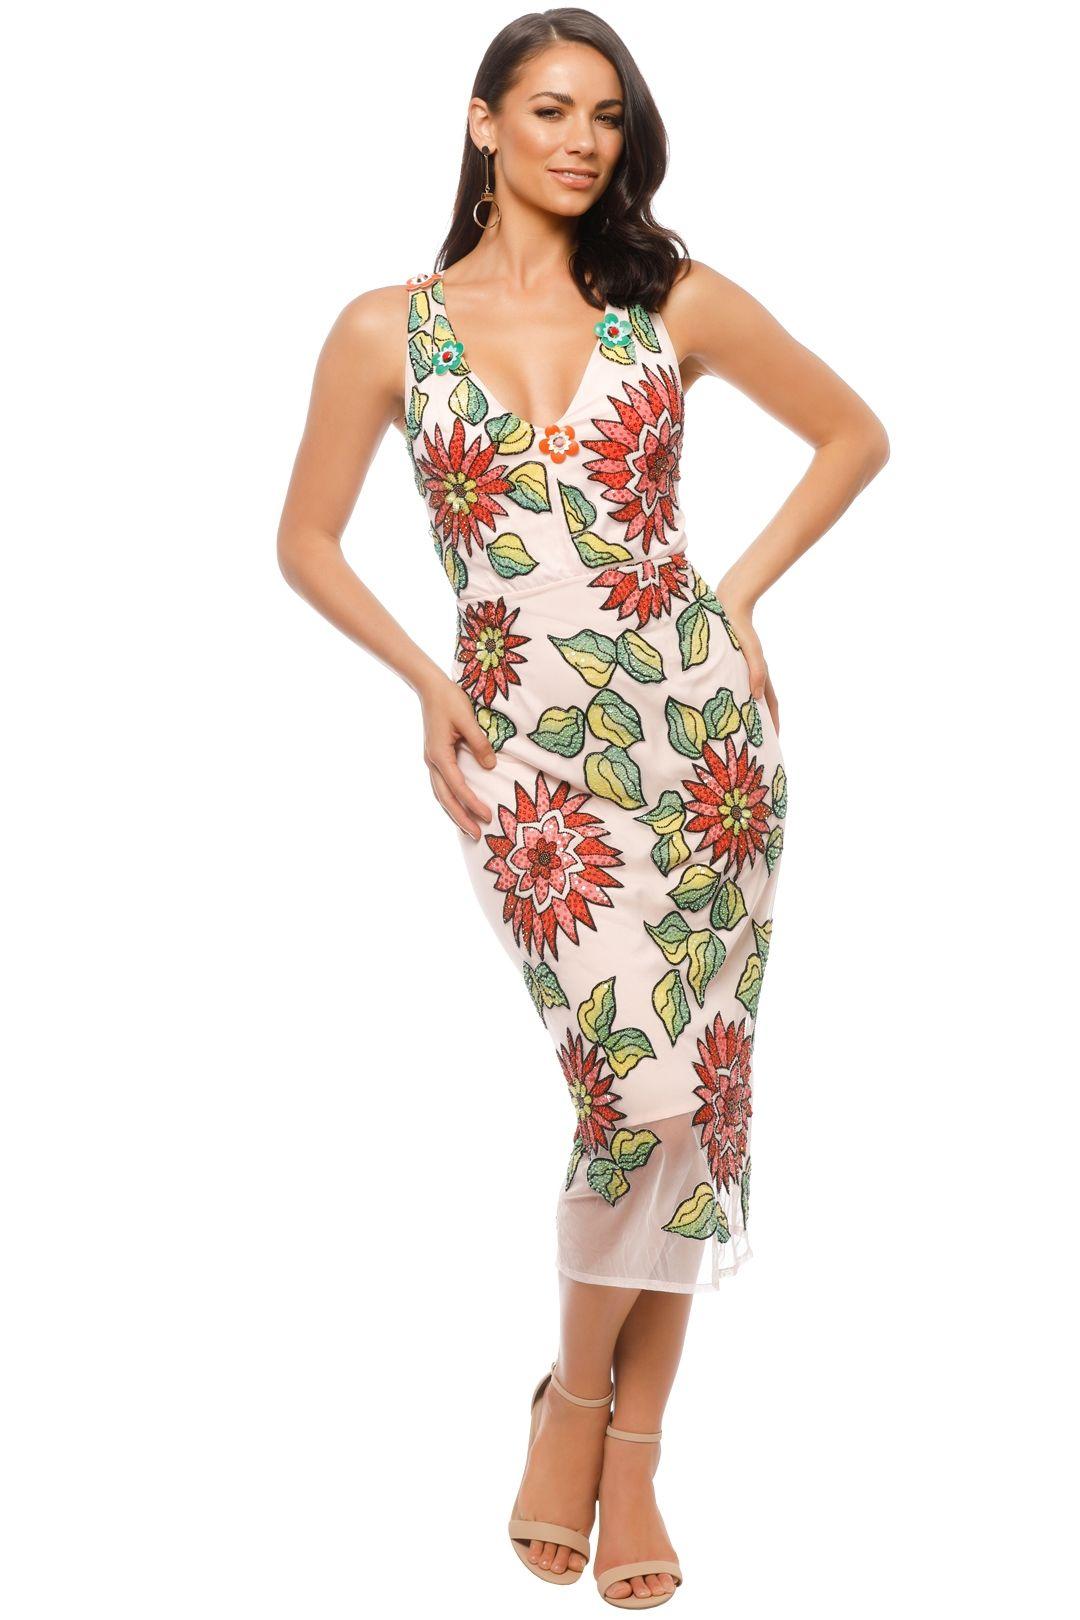 Trelise Cooper - Million Dollar Lady Dress - Pink Floral - Front